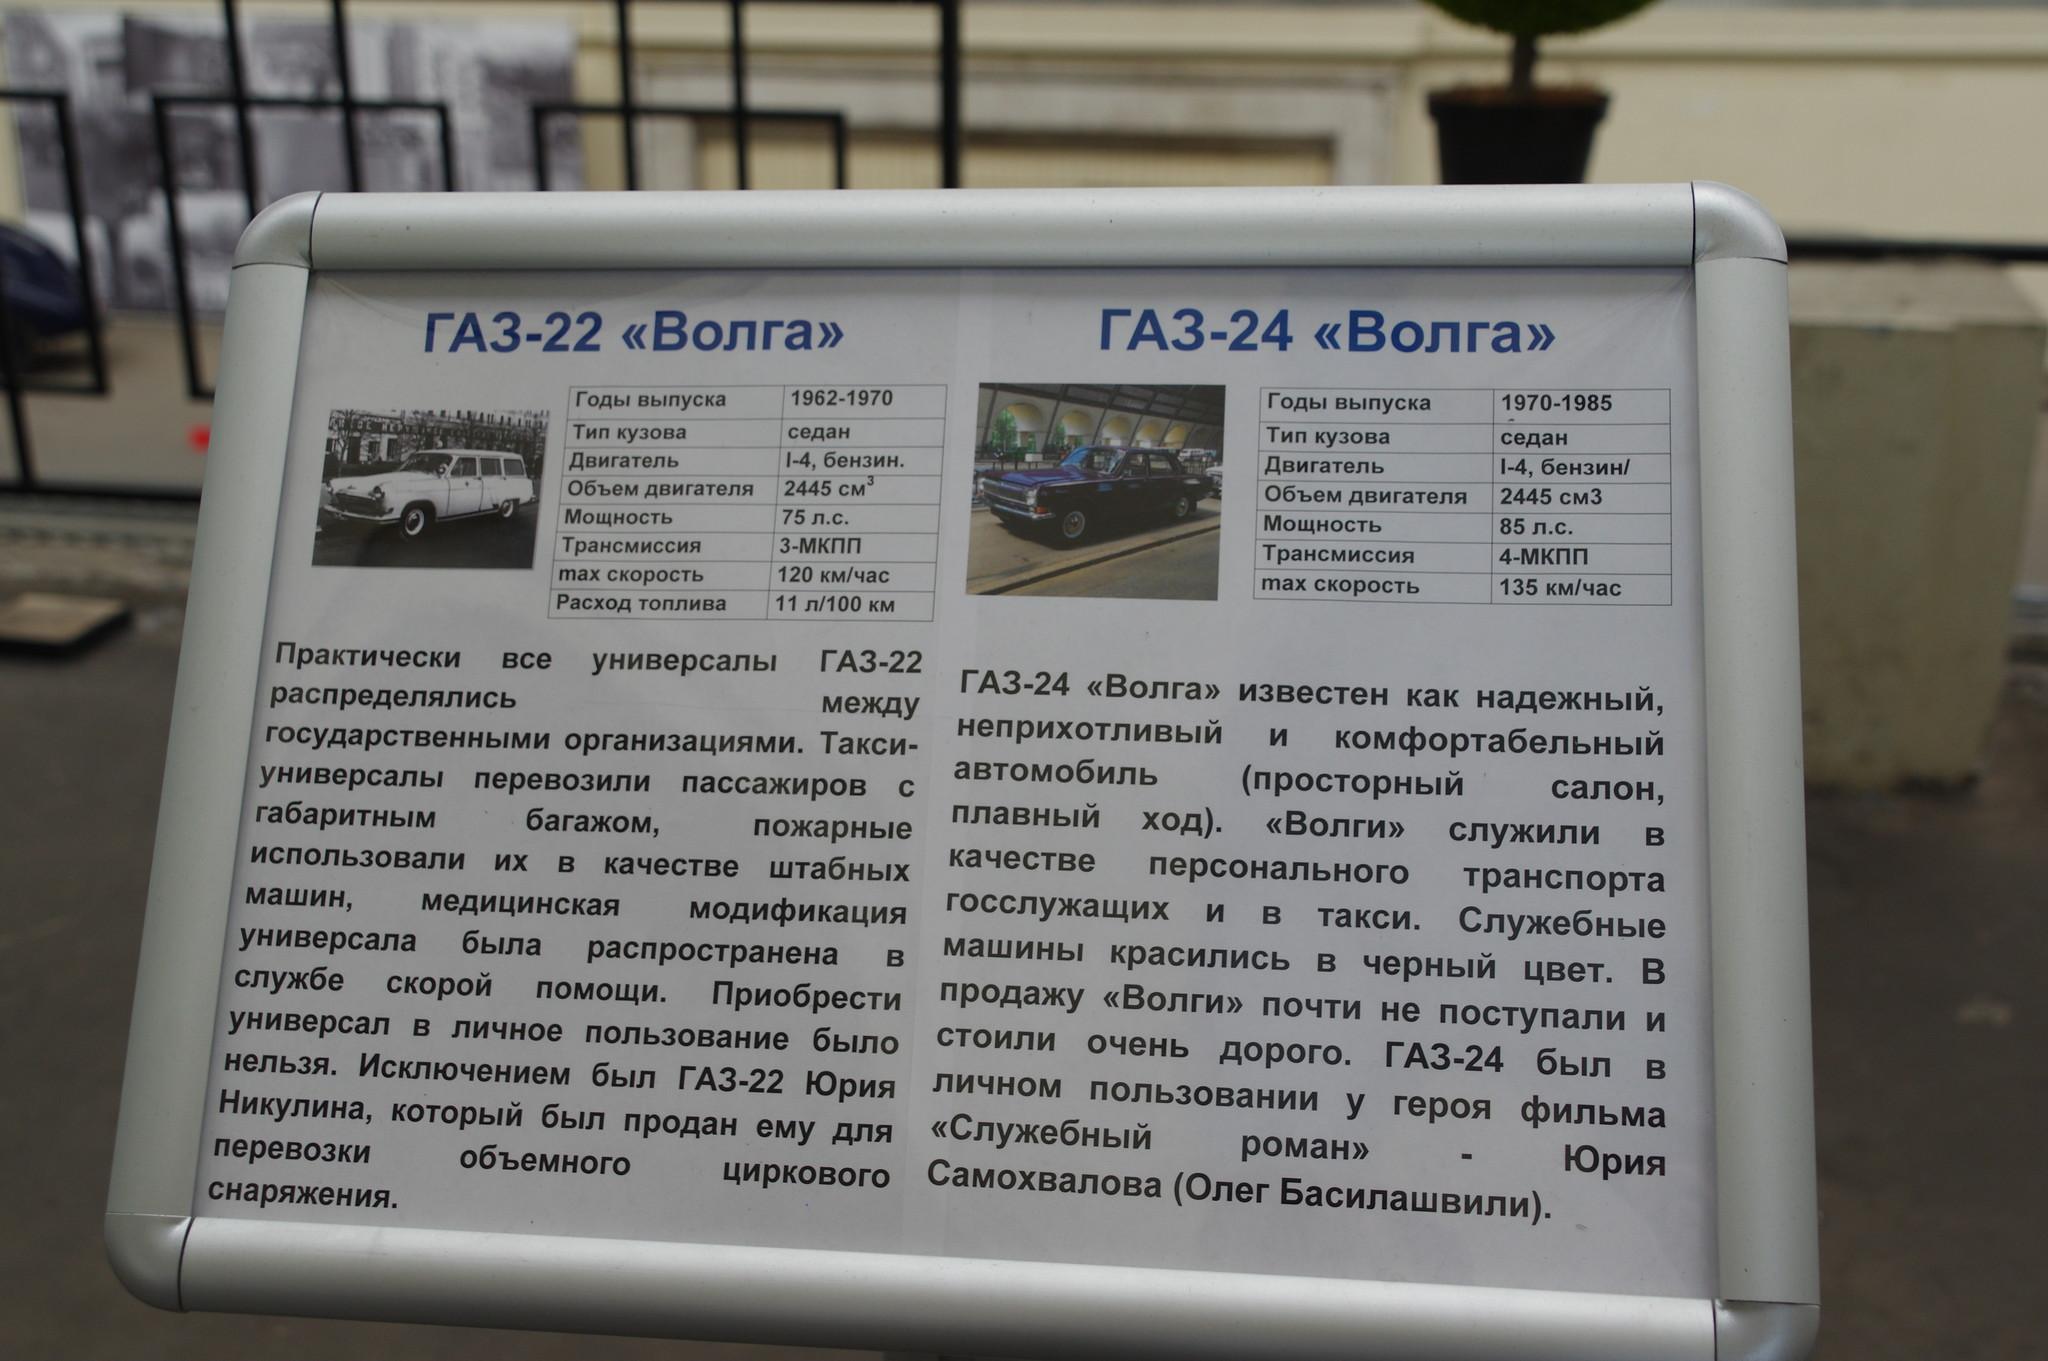 «Выставка достижений отечественного и зарубежного автопрома» в павильоне № 32 «Космос» на ВДНХ